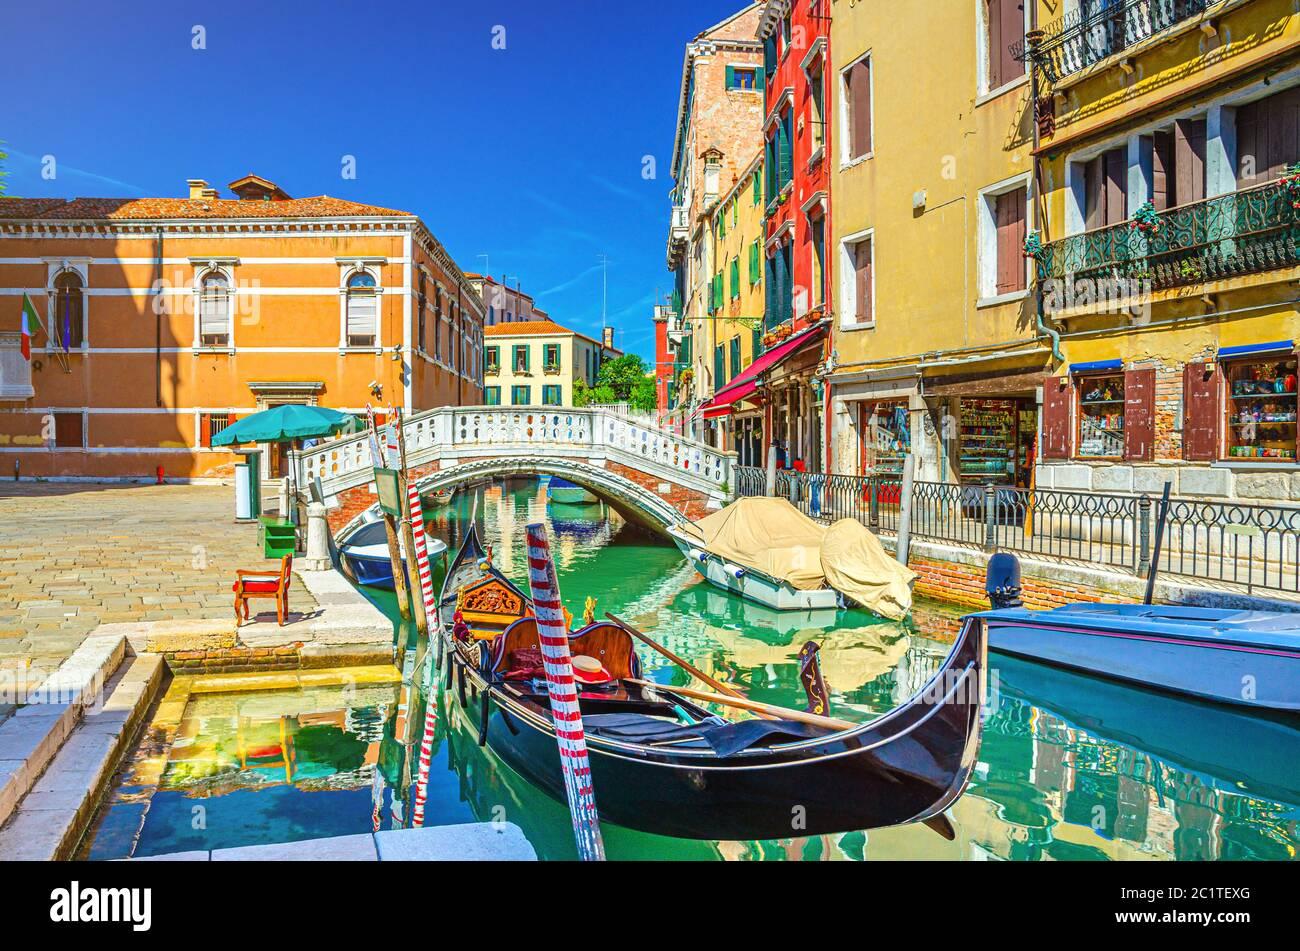 Paysage urbain de Venise avec télécabine et bateaux à moteur amarrés sur le canal étroit Rio dei Frari, bâtiments colorés et pont en pierre, région de Vénétie, nord de l'Italie, ciel bleu en été Banque D'Images